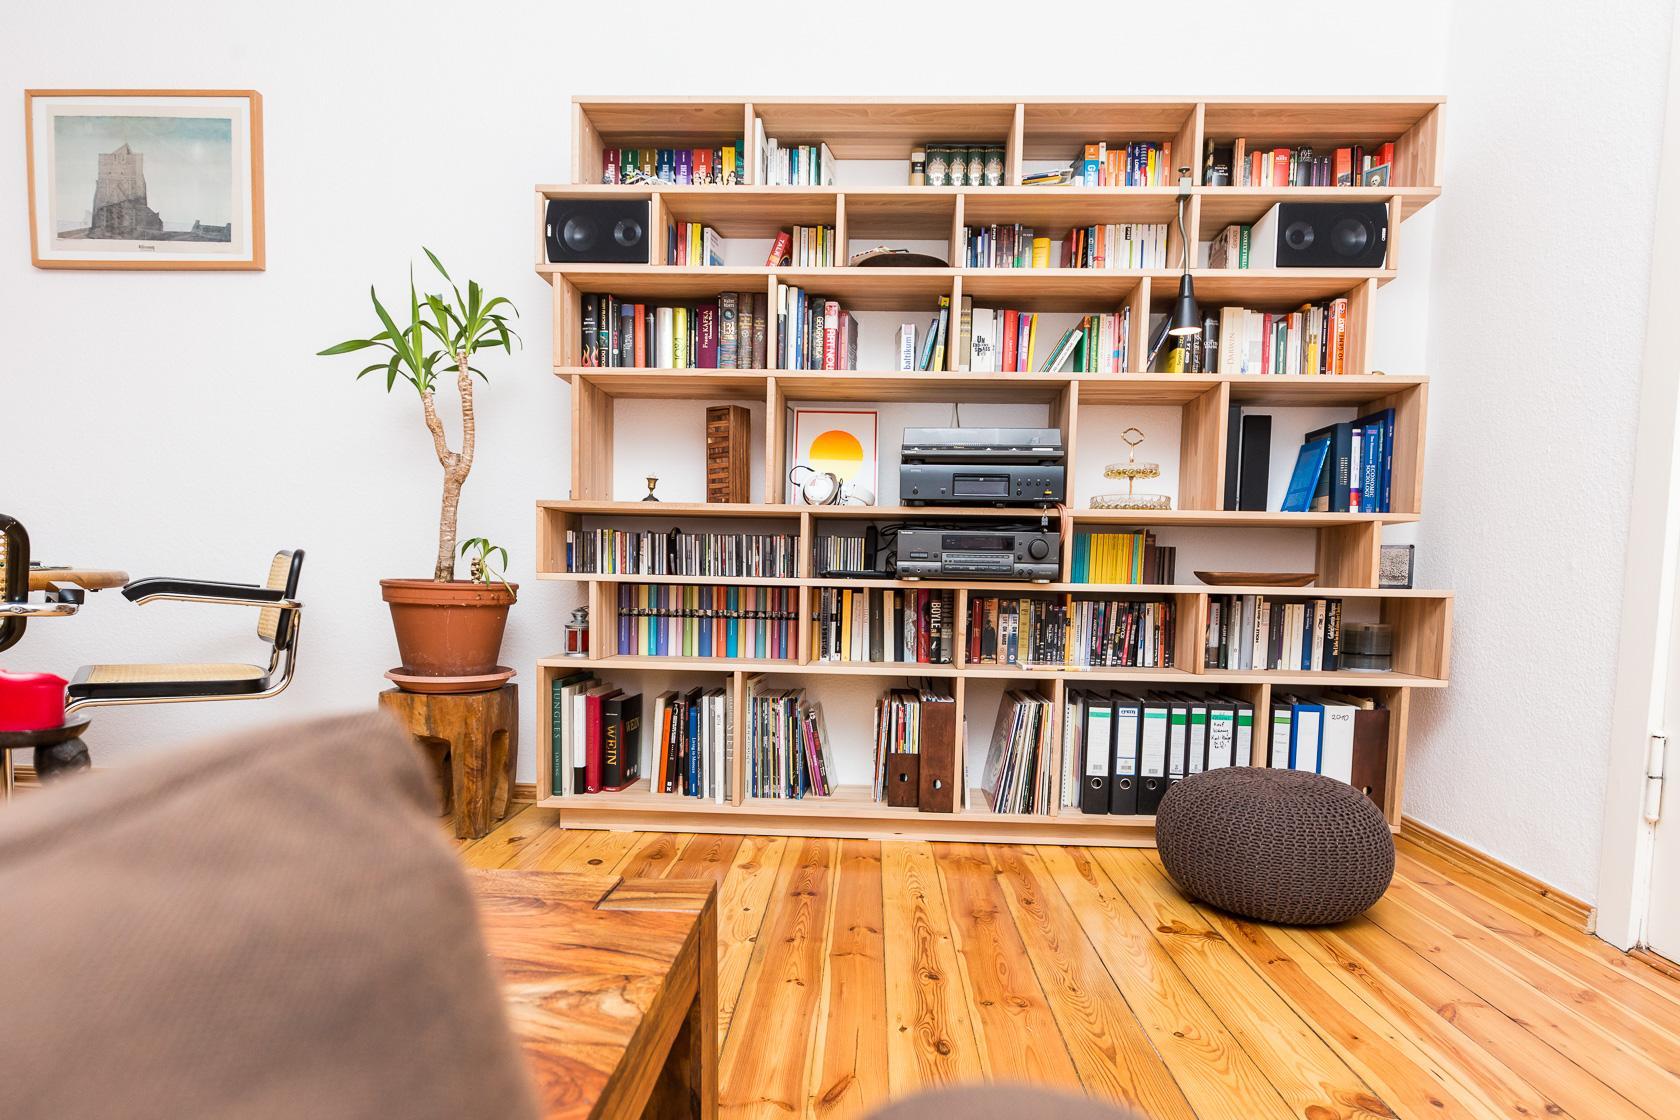 Holzmöbel  Holzmöbel • Bilder & Ideen • COUCHstyle